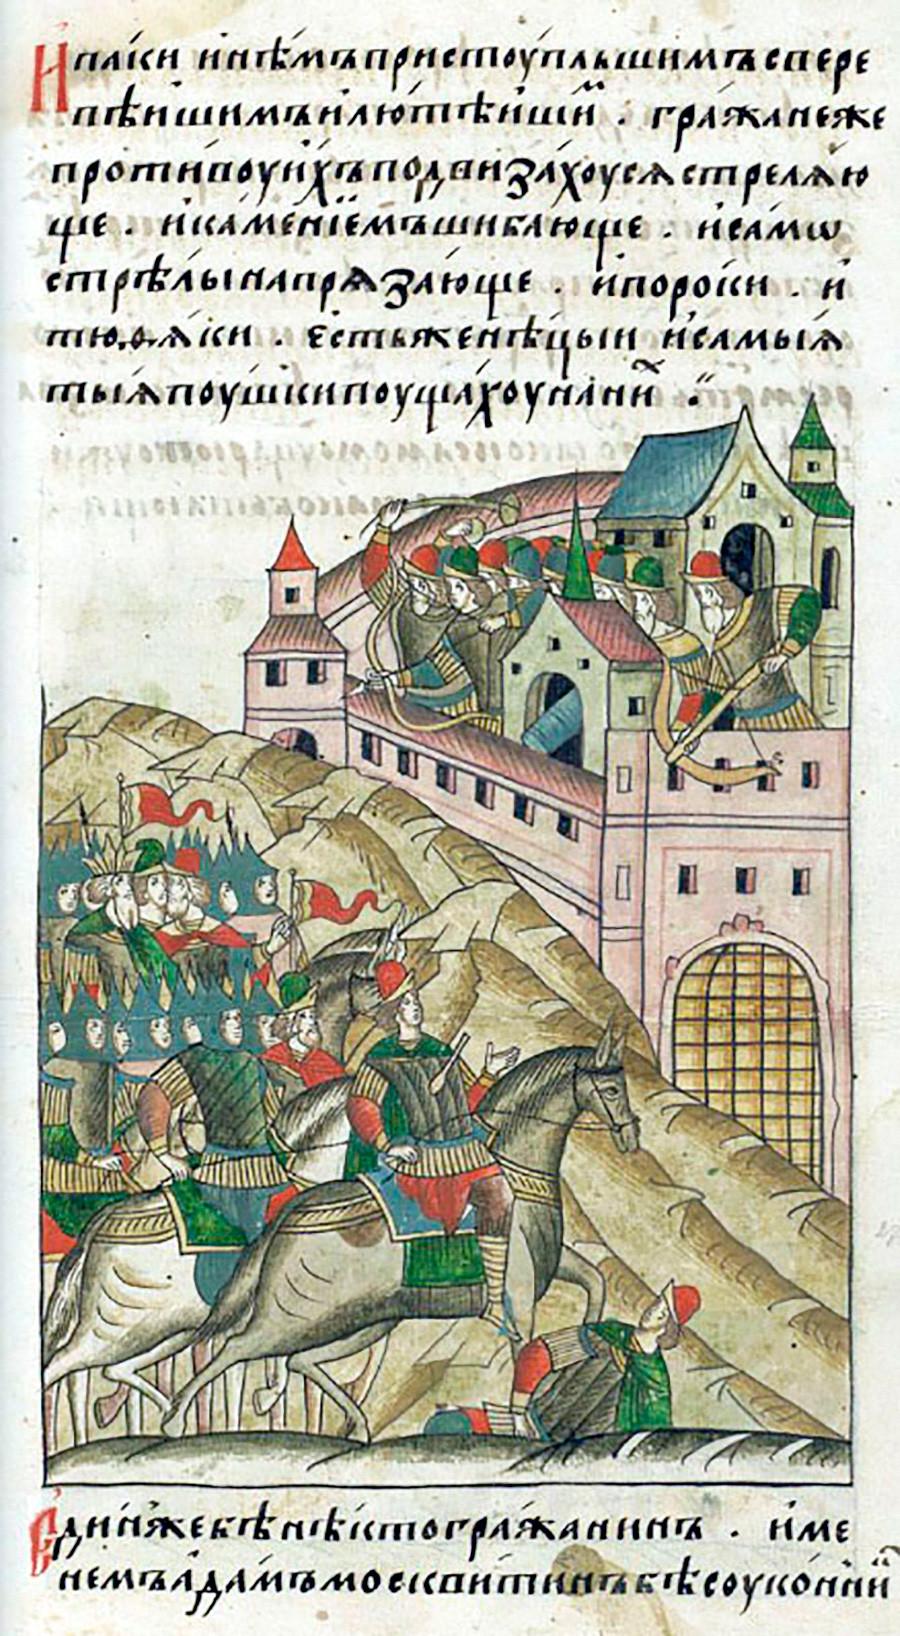 L'assedio di Mosca del Khan Toktamish del 1382. Illustrazione tratta da una cronaca del XVI secolo.  Un cannone da fortezza può essere visto sulla torre centrale delle mura della città